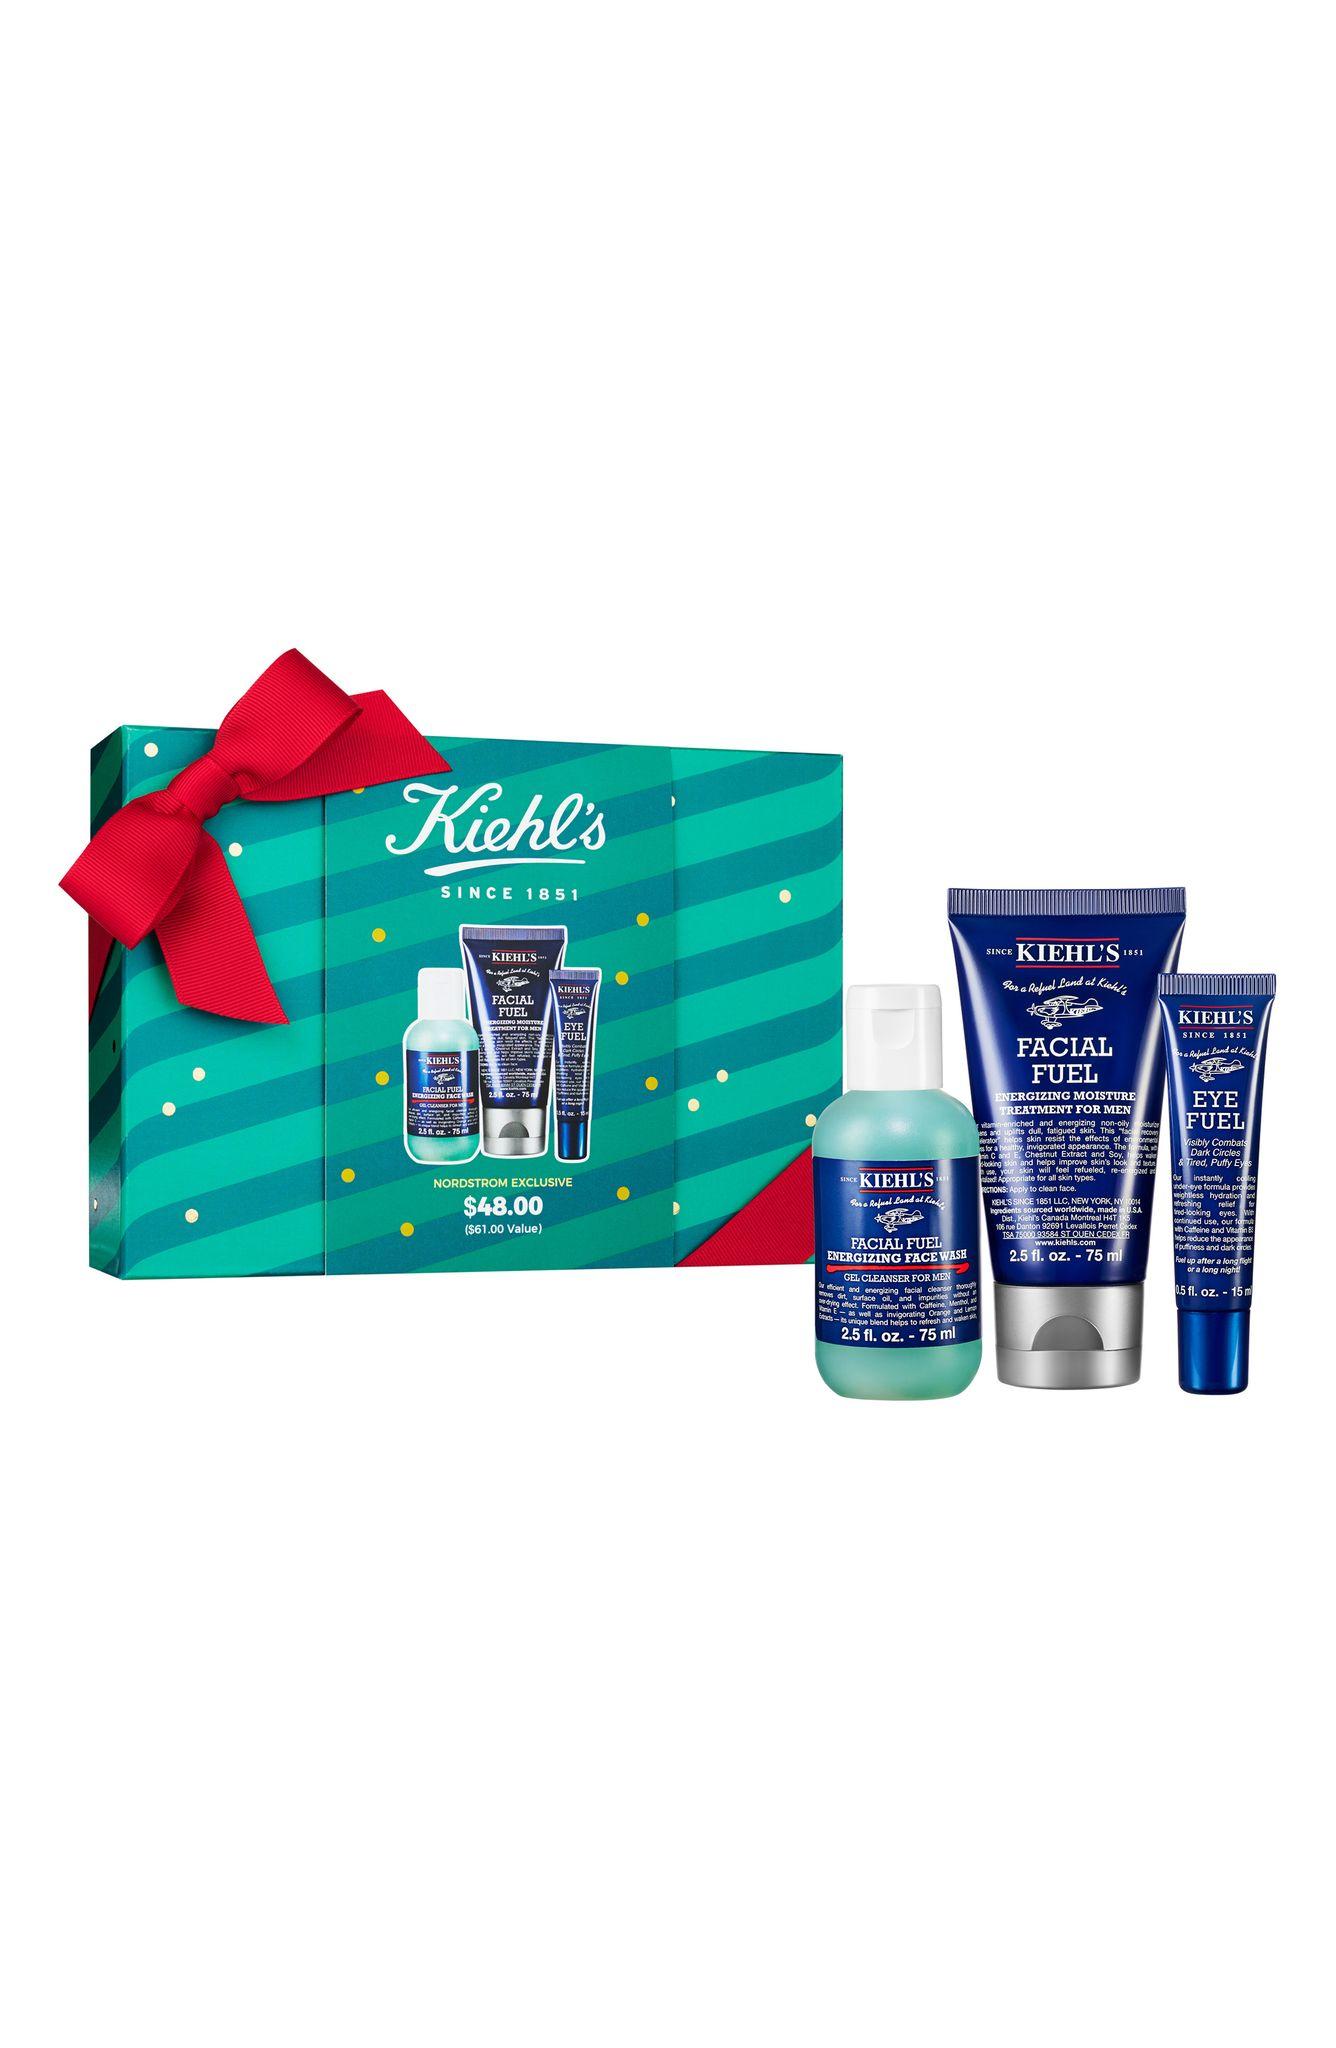 Estuche para hombre Facial Fuel de Kiehl's para caballero, que incluye limpiadora energizante, humectante y crema para ojos. (Suministrada)